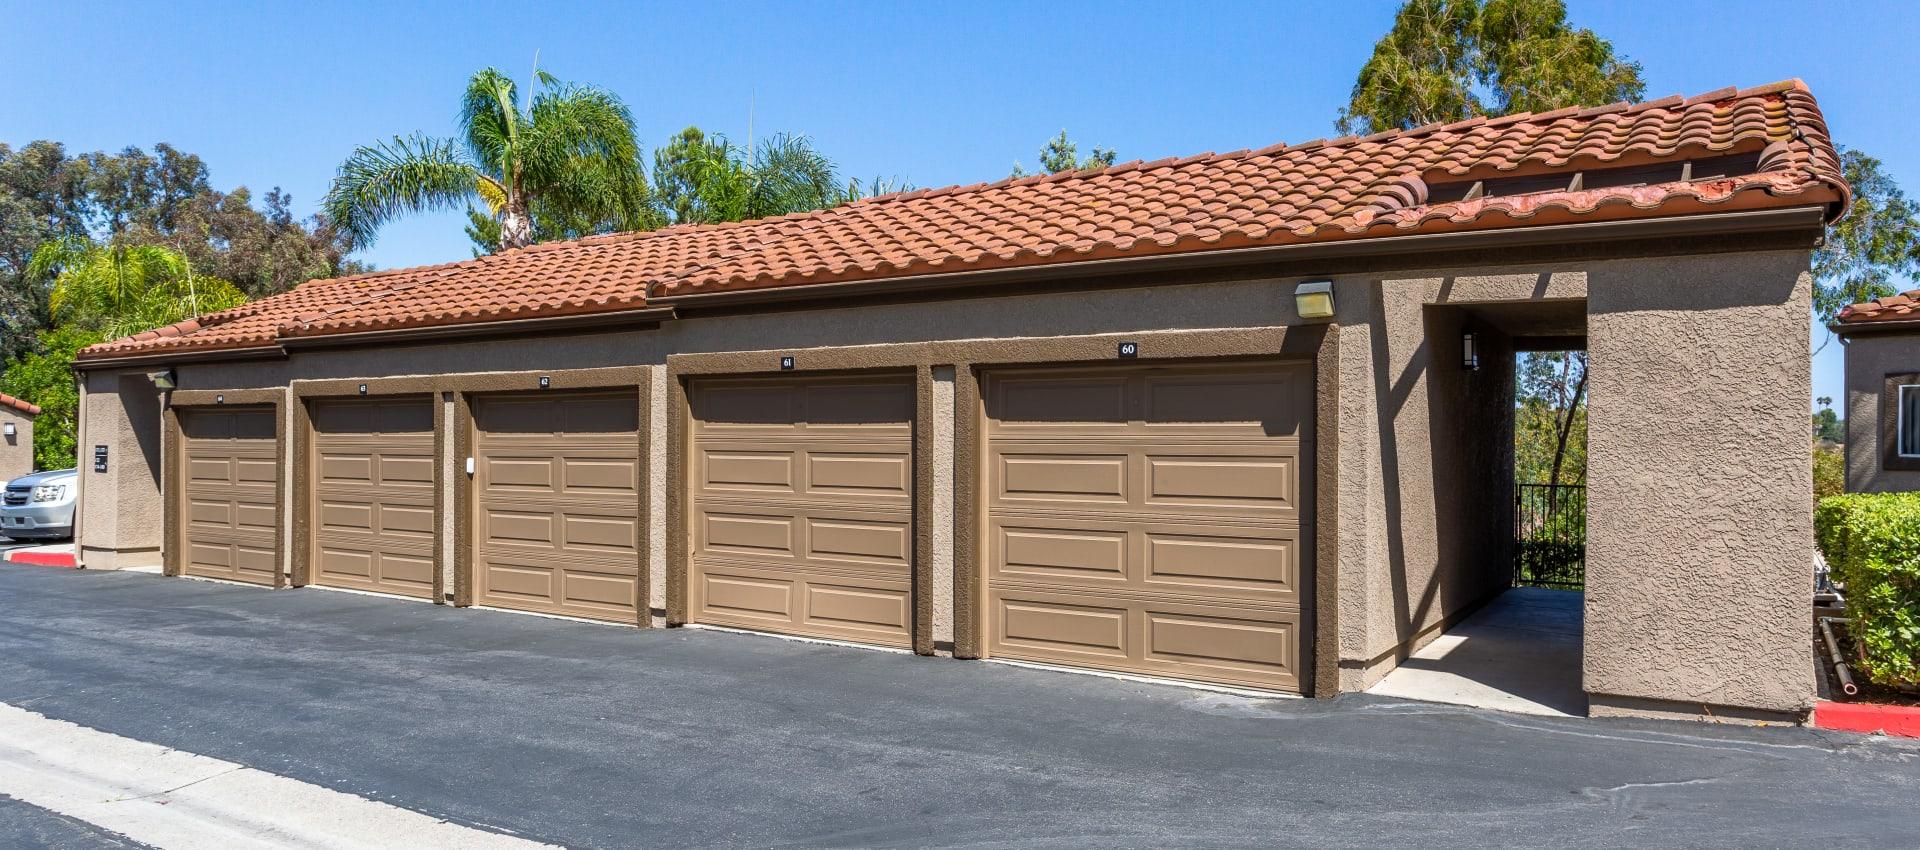 Garages at Niguel Summit Condominium Rentals in Laguna Niguel, CA